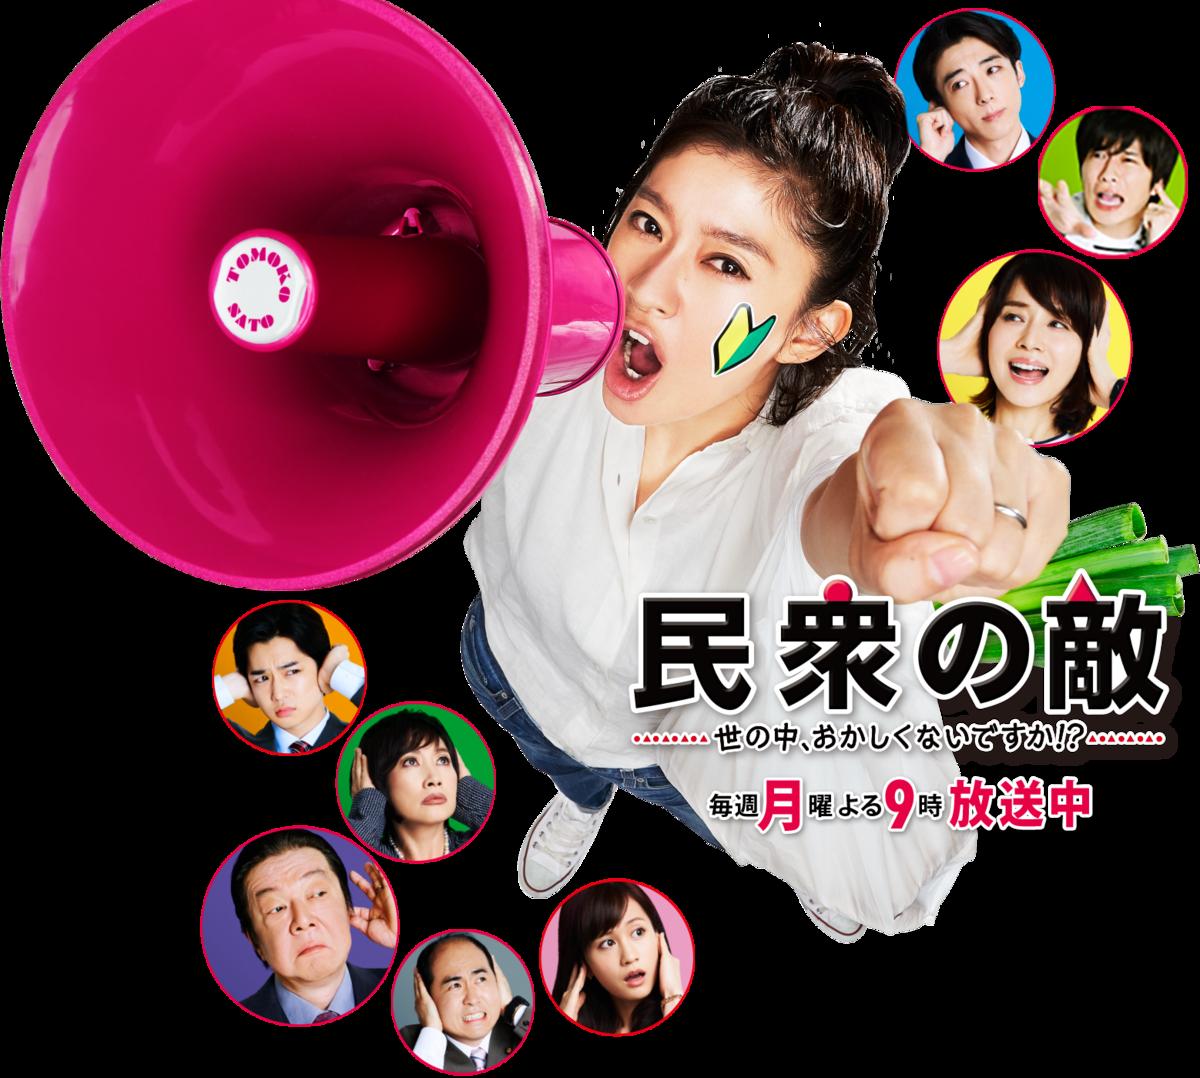 2017年秋季日劇,14齣黃金檔播出的戲,主演明星平均年齡44.5歲,凸顯日本電視圈「高齡化」的趨勢。圖為《民眾之敵》。(圖片取自富士電視台與TBS)